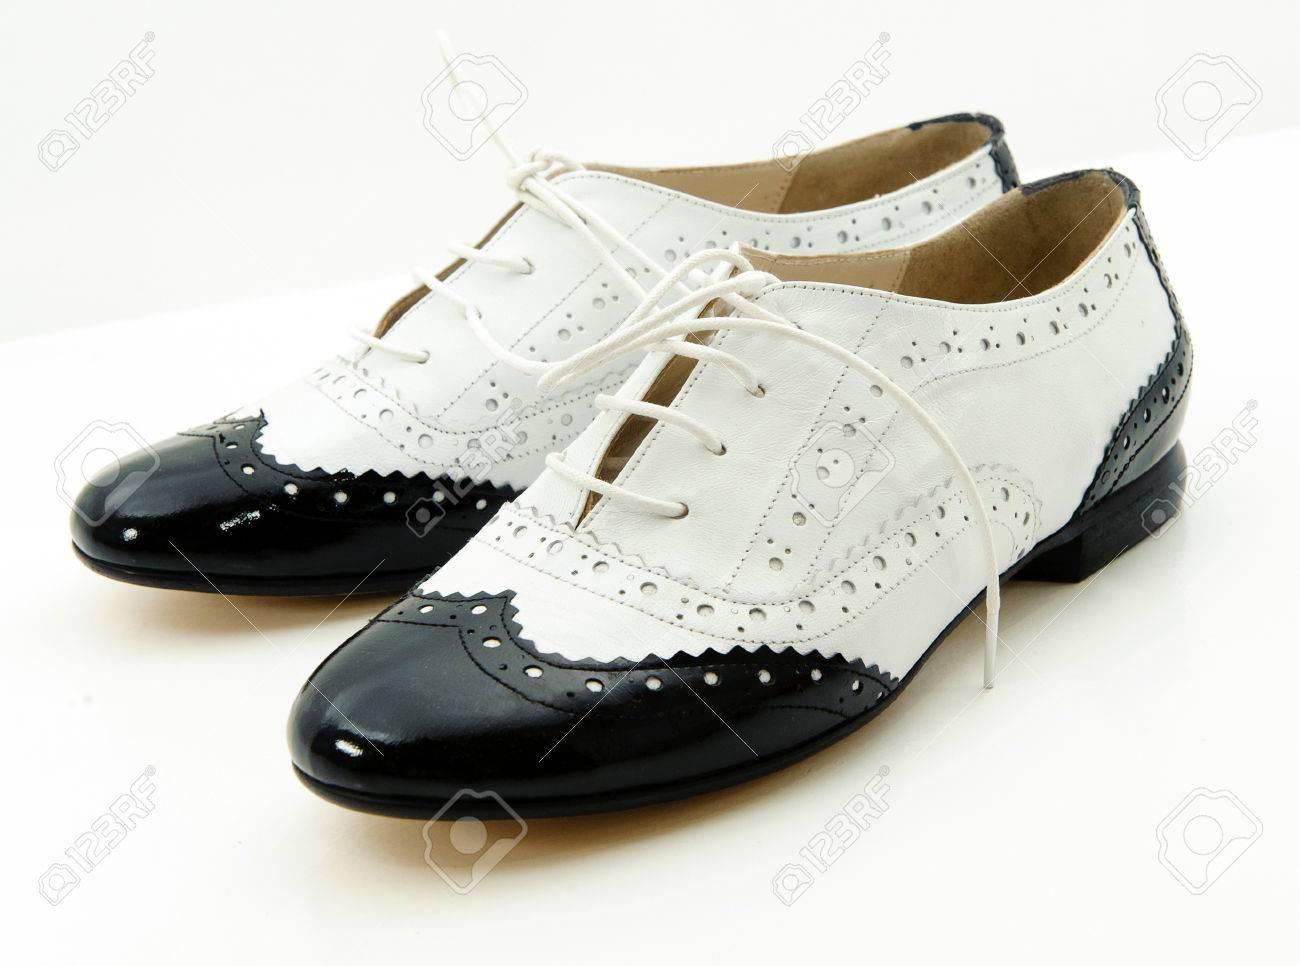 04ca3a6c676cc Blanco y negro zapatos gángster en un fondo blanco Foto de archivo -  23458726